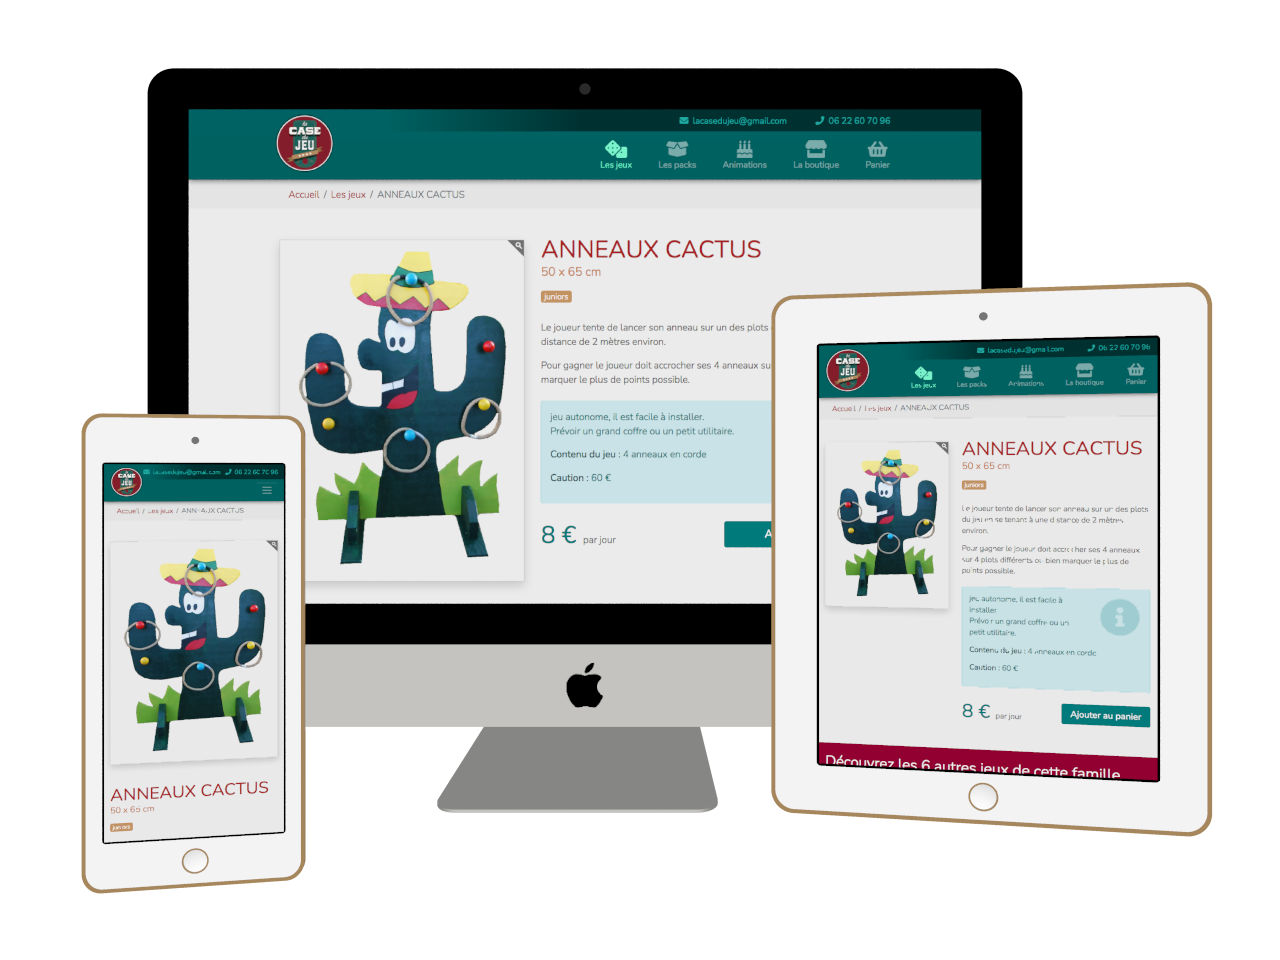 Micraux, nos clients sont nos meilleurs ambassadeurs : vue adaptative sur ordinateur, tablette et smartphone pour La Case Du Jeu